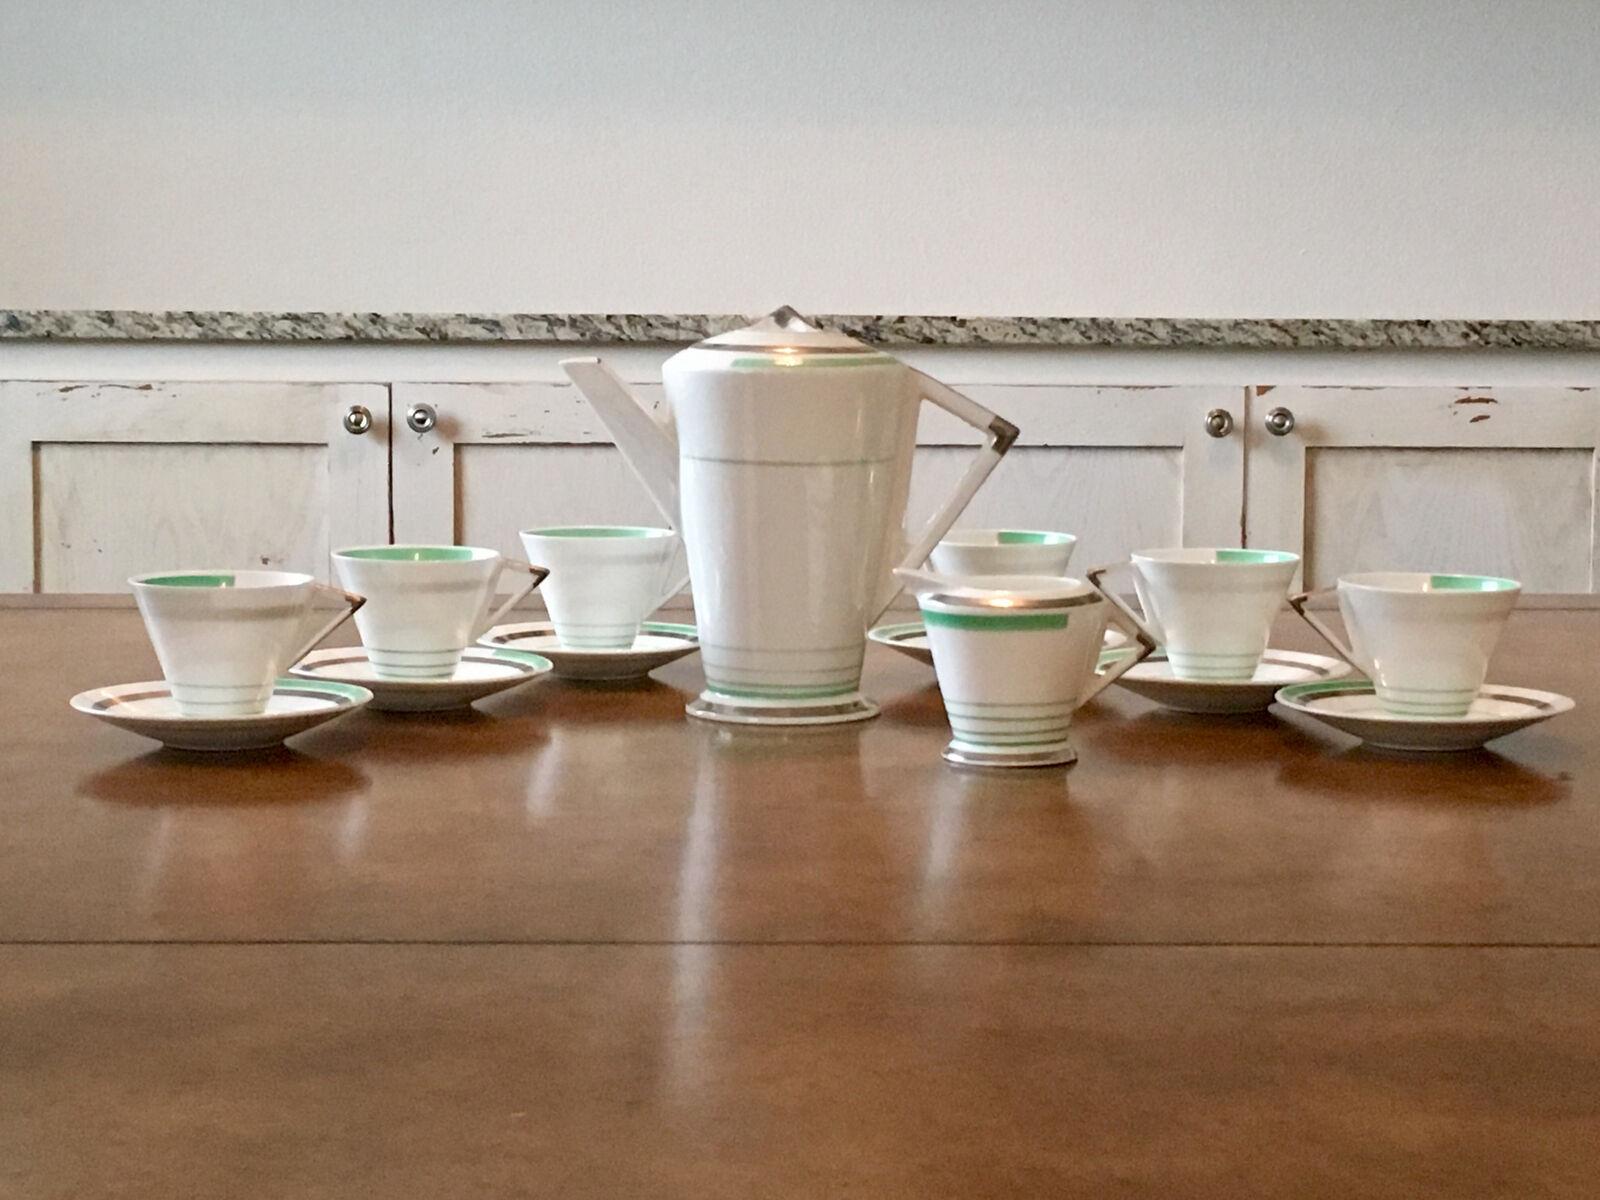 Lot de 6 Shelley Eve 12480 vert une demi-tasse tasses soucoupes café pot à thé théière